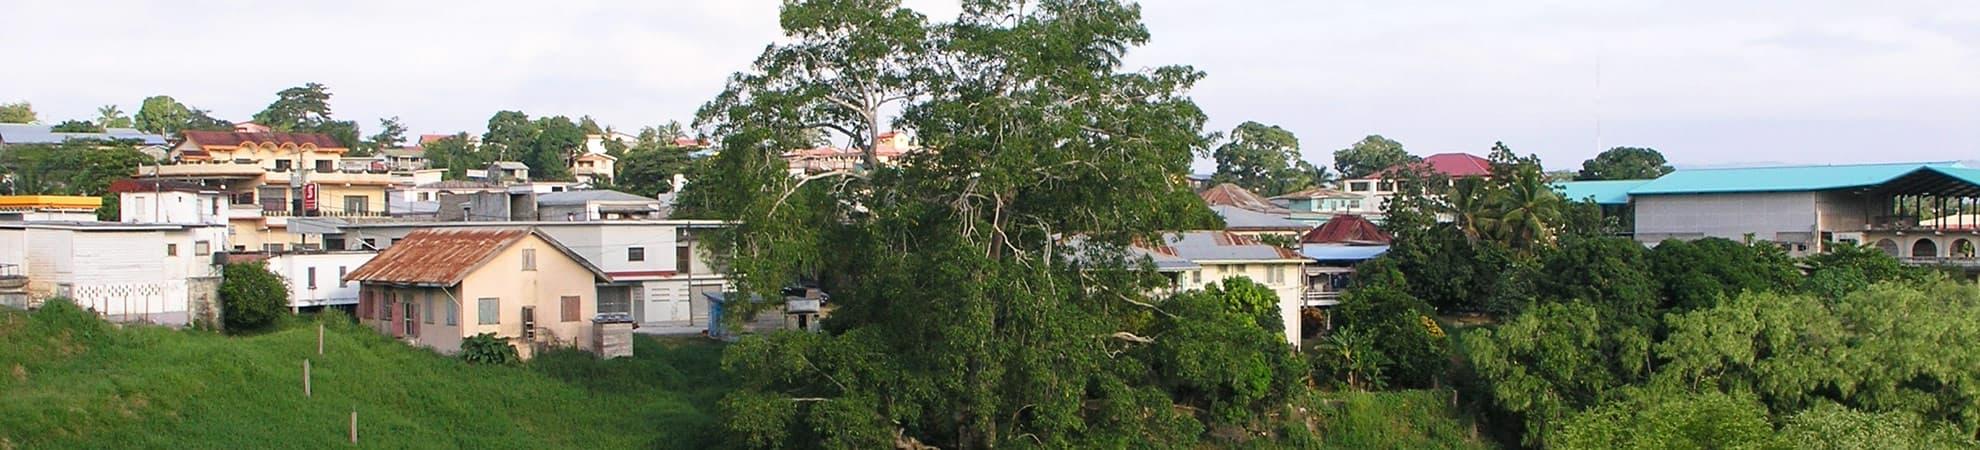 Voyage San Ignacio (Belize)